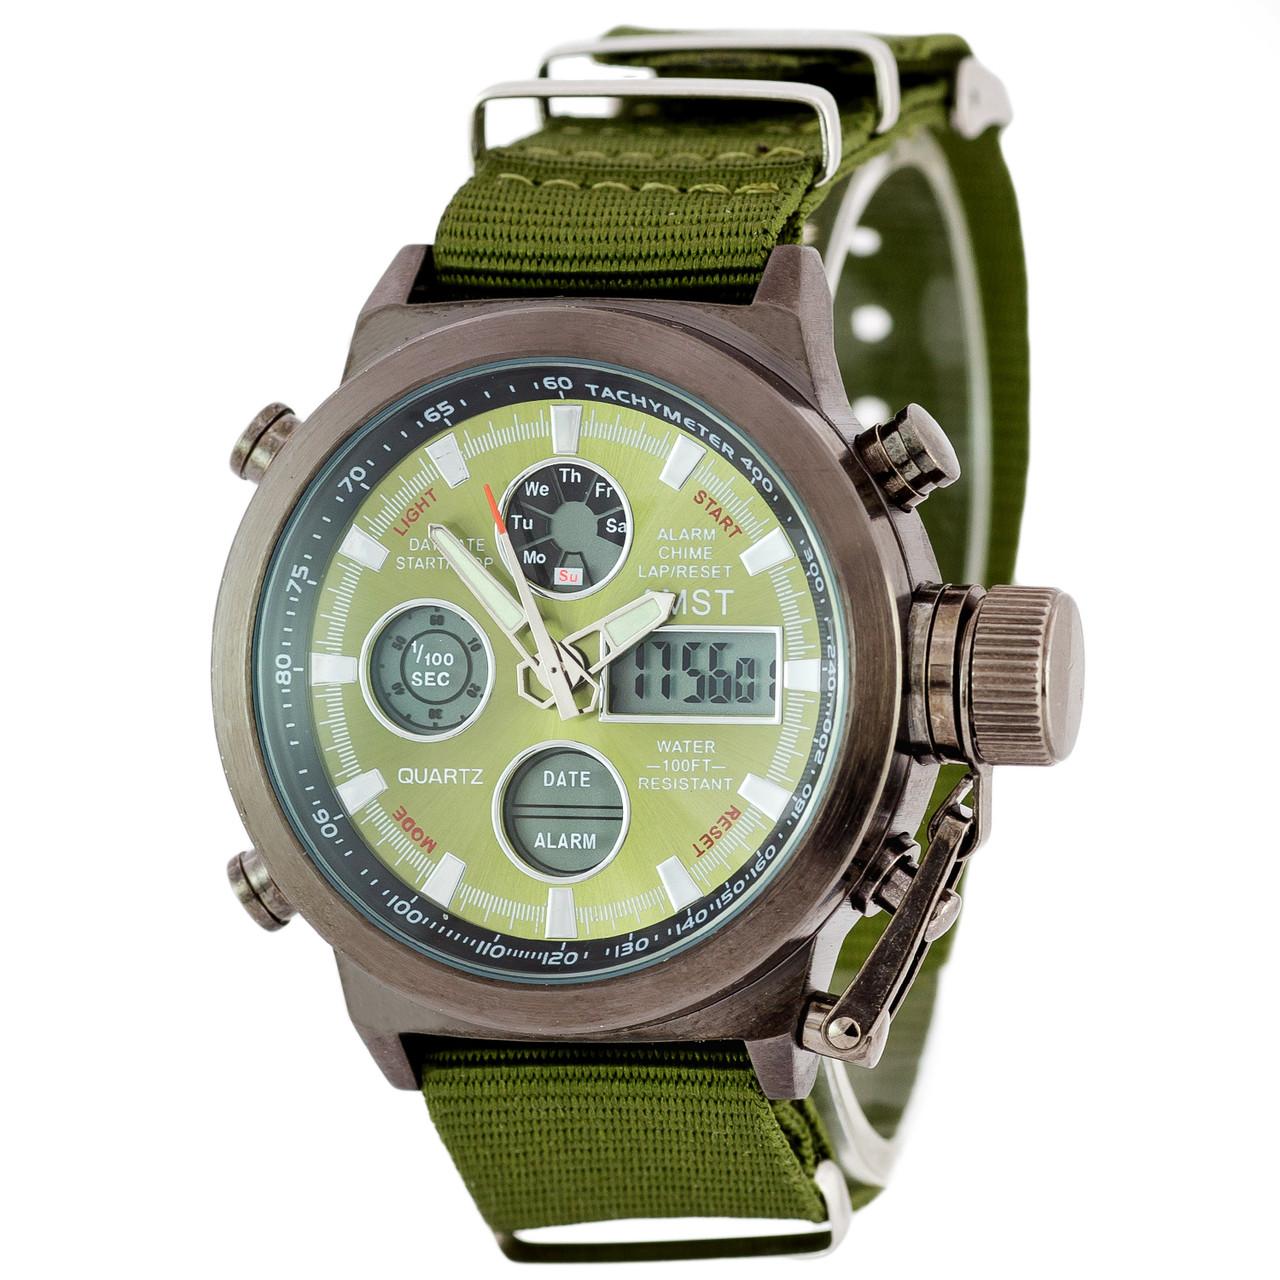 Мужские наручные часы AMST AM3003 Green/Black/Green